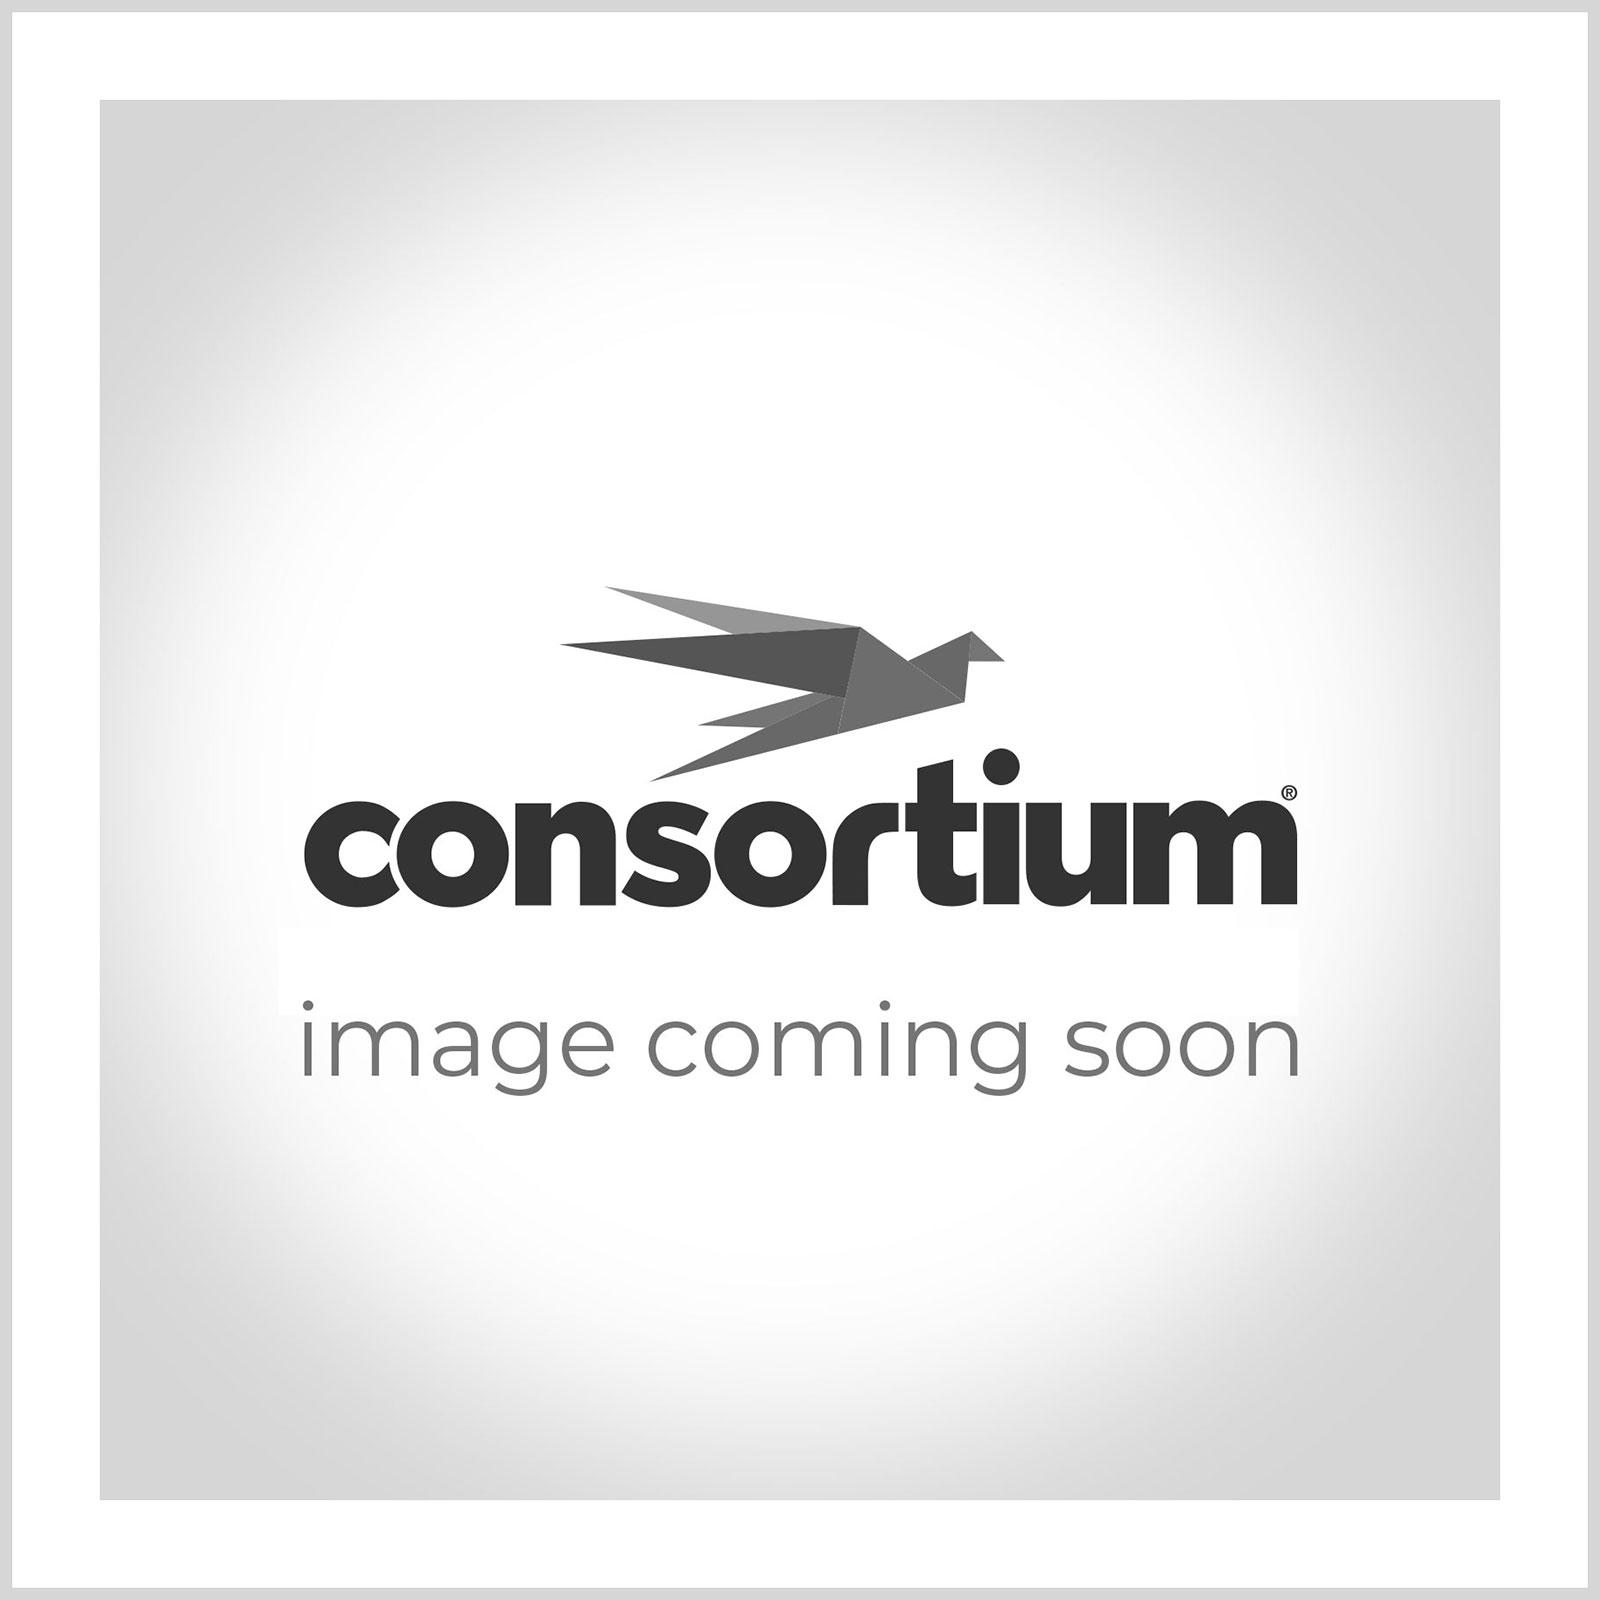 Consortium A1 Flipchart Pads